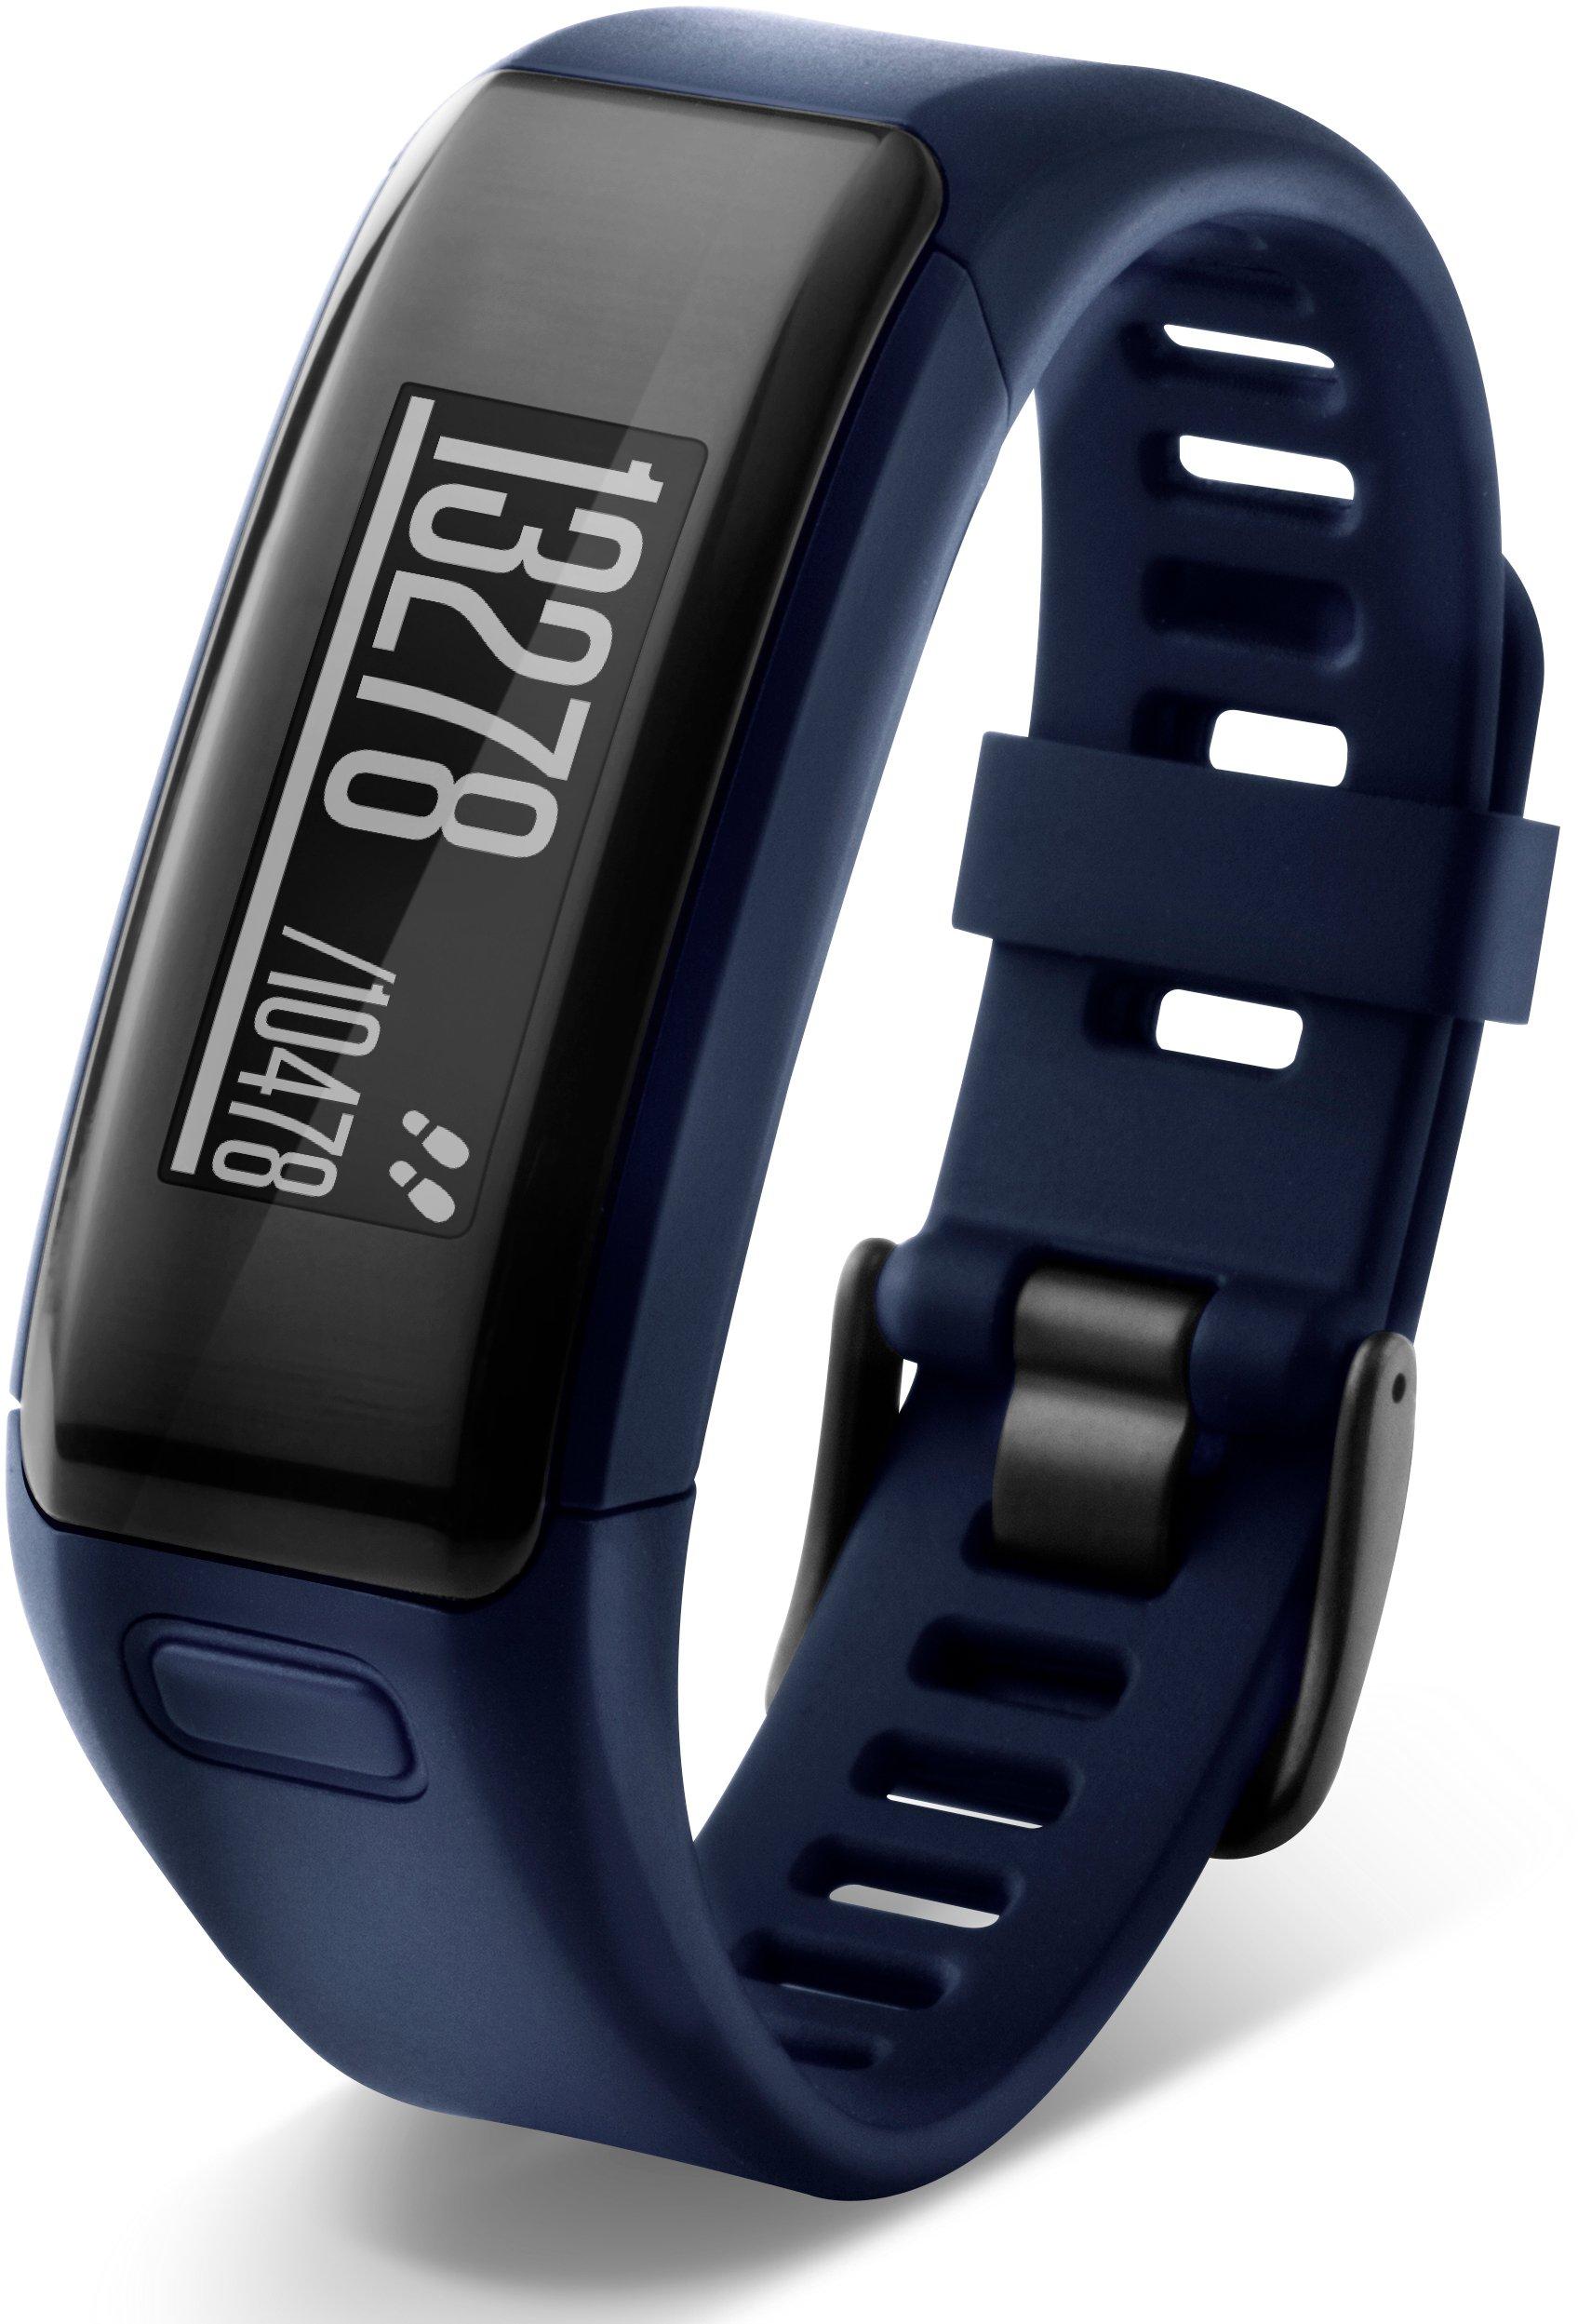 Garmin vívosmart HR Activity Tracker Regular Fit - Midnight Blue (Deep Blue) by Garmin (Image #3)